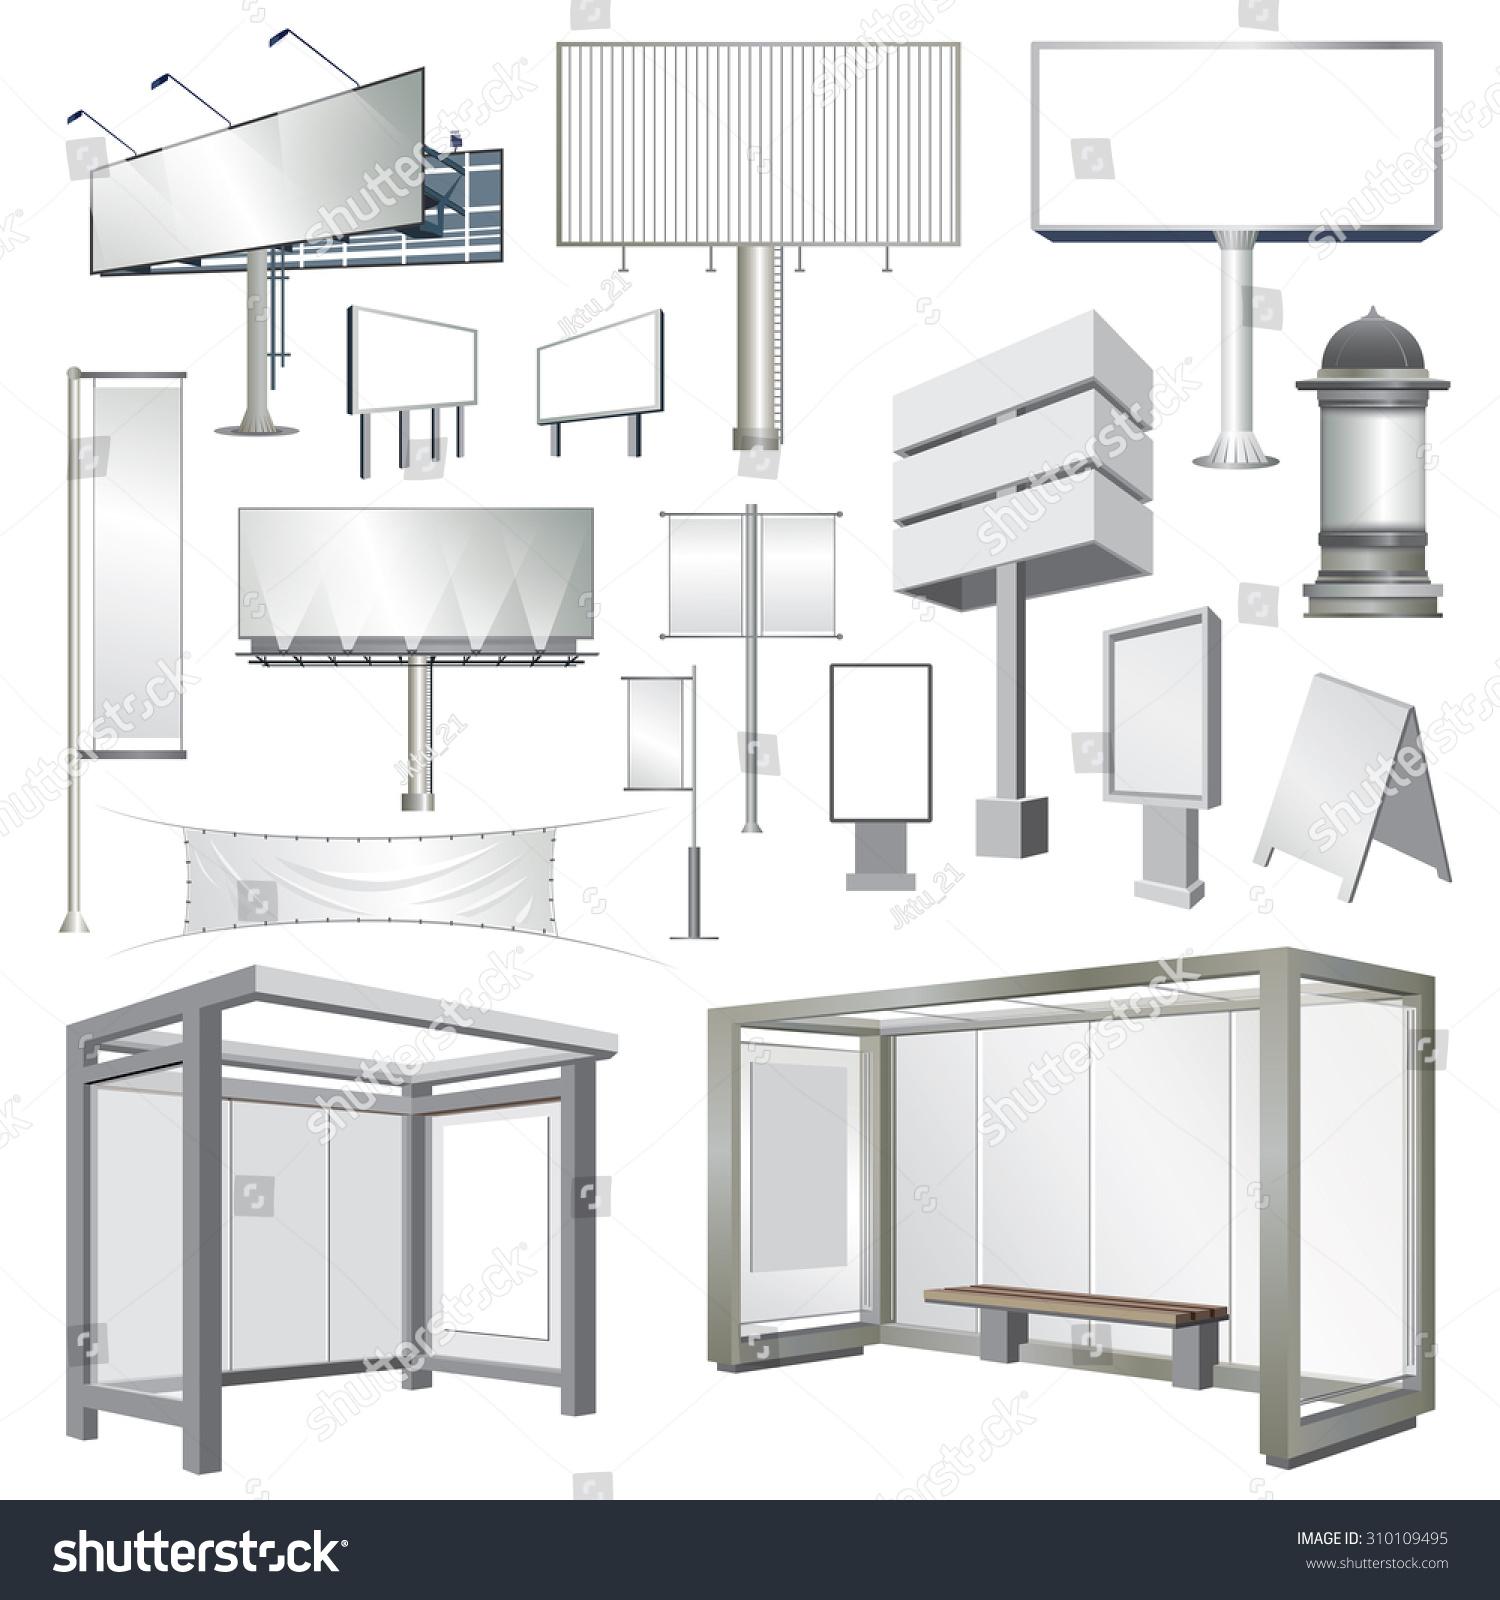 billboards outdoor advertisement templates stock vector 310109495 billboards and outdoor advertisement templates